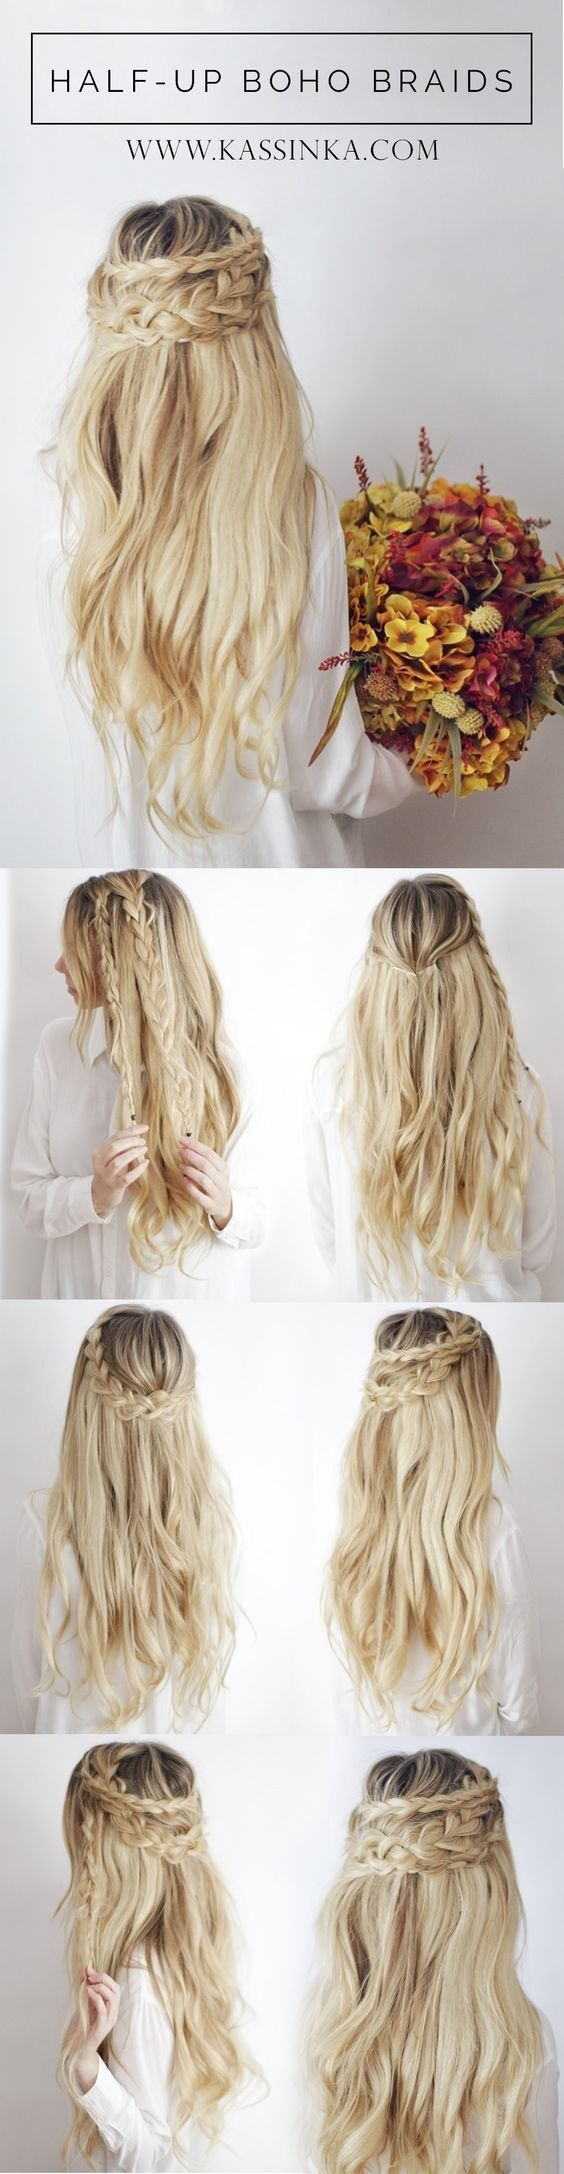 Trenzas bohemias semirrecogidas | 17 Sensacionales peinados con trenzas que son fáciles de hacer